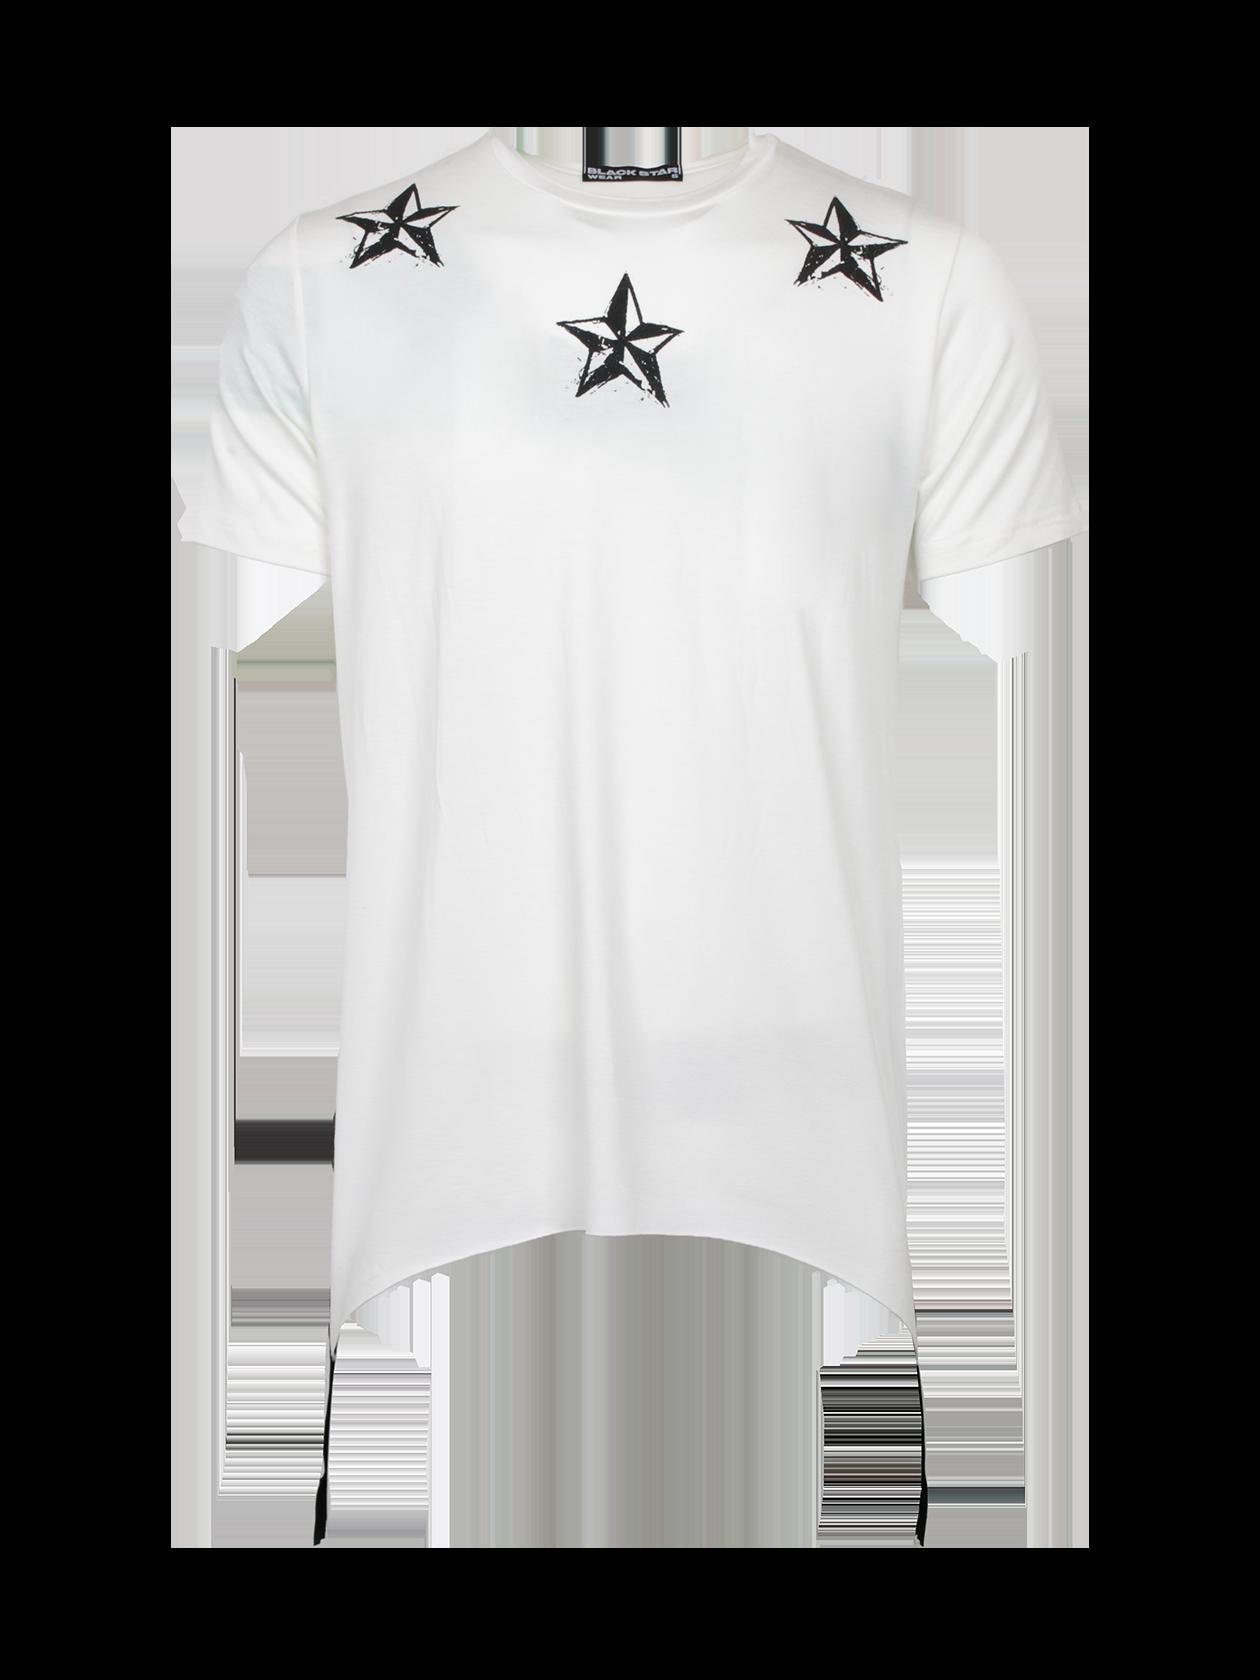 Футболка мужская REGULARМужская футболка из новой коллекции Black Star Wear. Стильная, практичная и очень качественная модель свободного кроя с коротким рукавом, а так же уникальным дизайнерским рисунком на груди в стилеBlack Star. Изделие выполнено из натурального хлопка премиального качества, что обеспечит безупречный комфорт. Низ дополняет ультрамодное дизайнерское решение в виде черных широких молний по бокам. Идеально дополнит стильный мужской образ на каждый день. Несомненно станет незаменимой и любимой вещью в гардеробе. Модель доступна в сером, черном и белом цветах.<br><br>Размер: XS<br>Цвет: Белый<br>Пол: Мужской